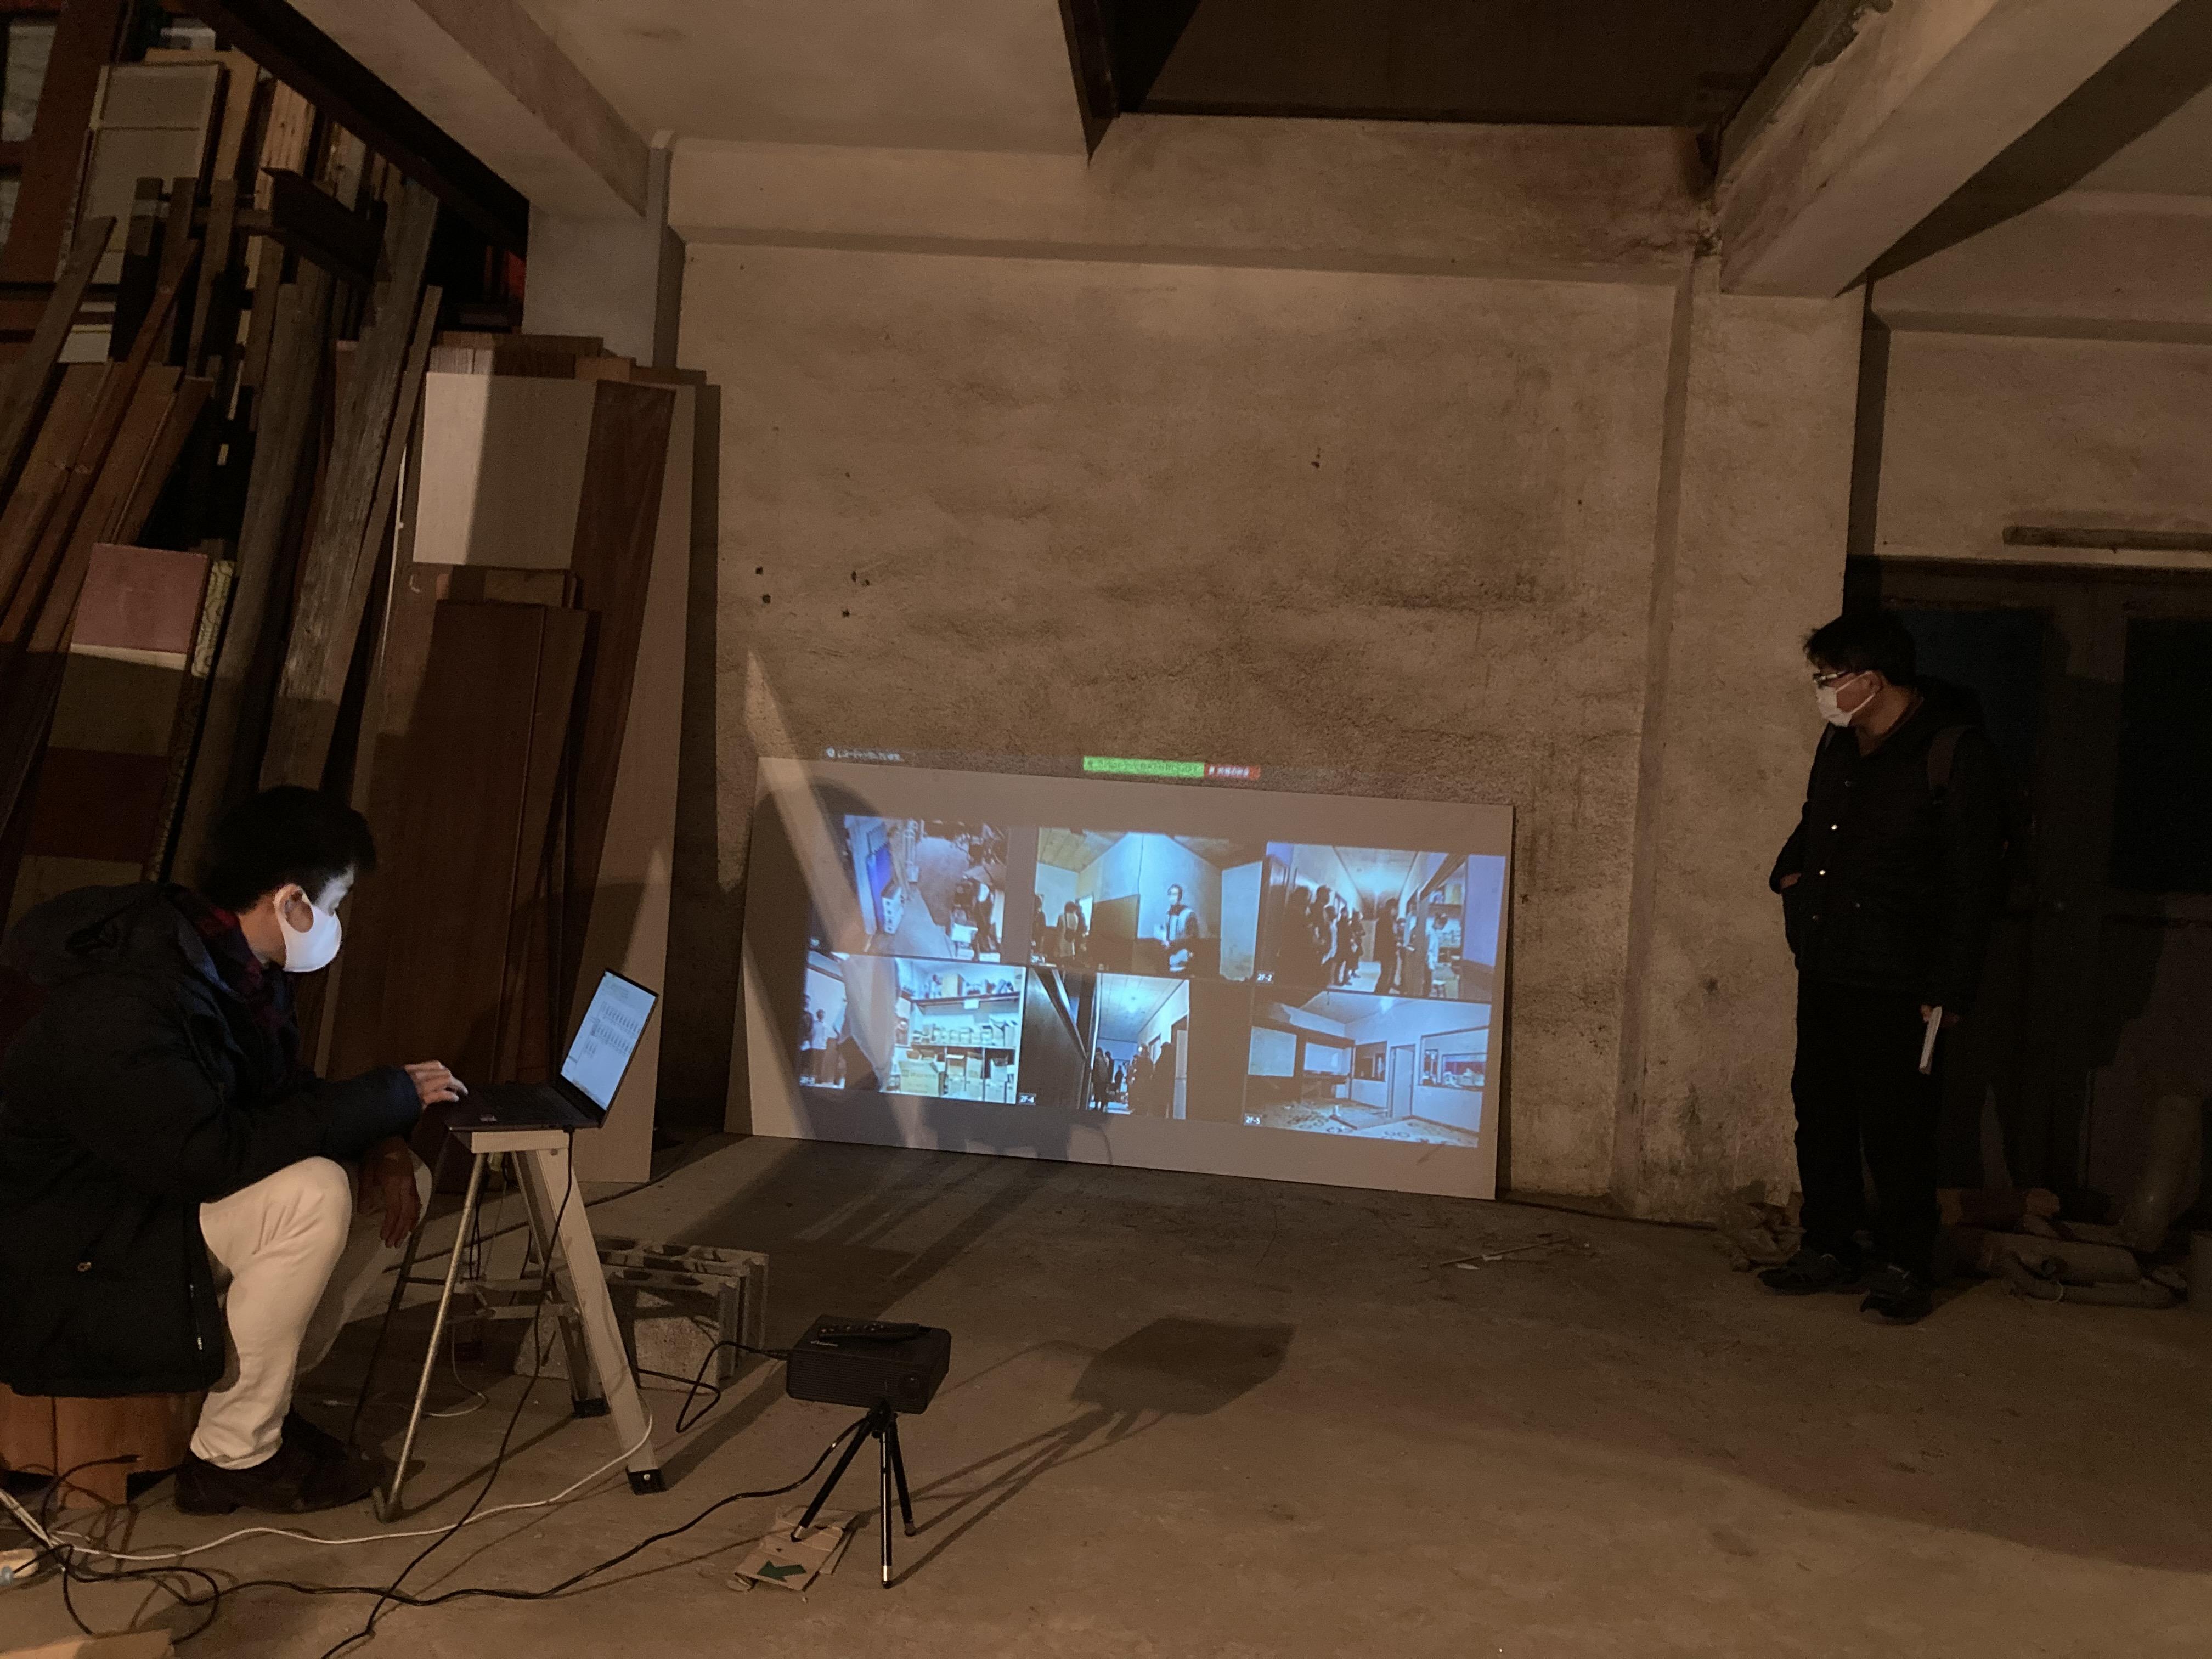 写真3:LACユーザーがかかわった、古い倉庫での演劇プログラム